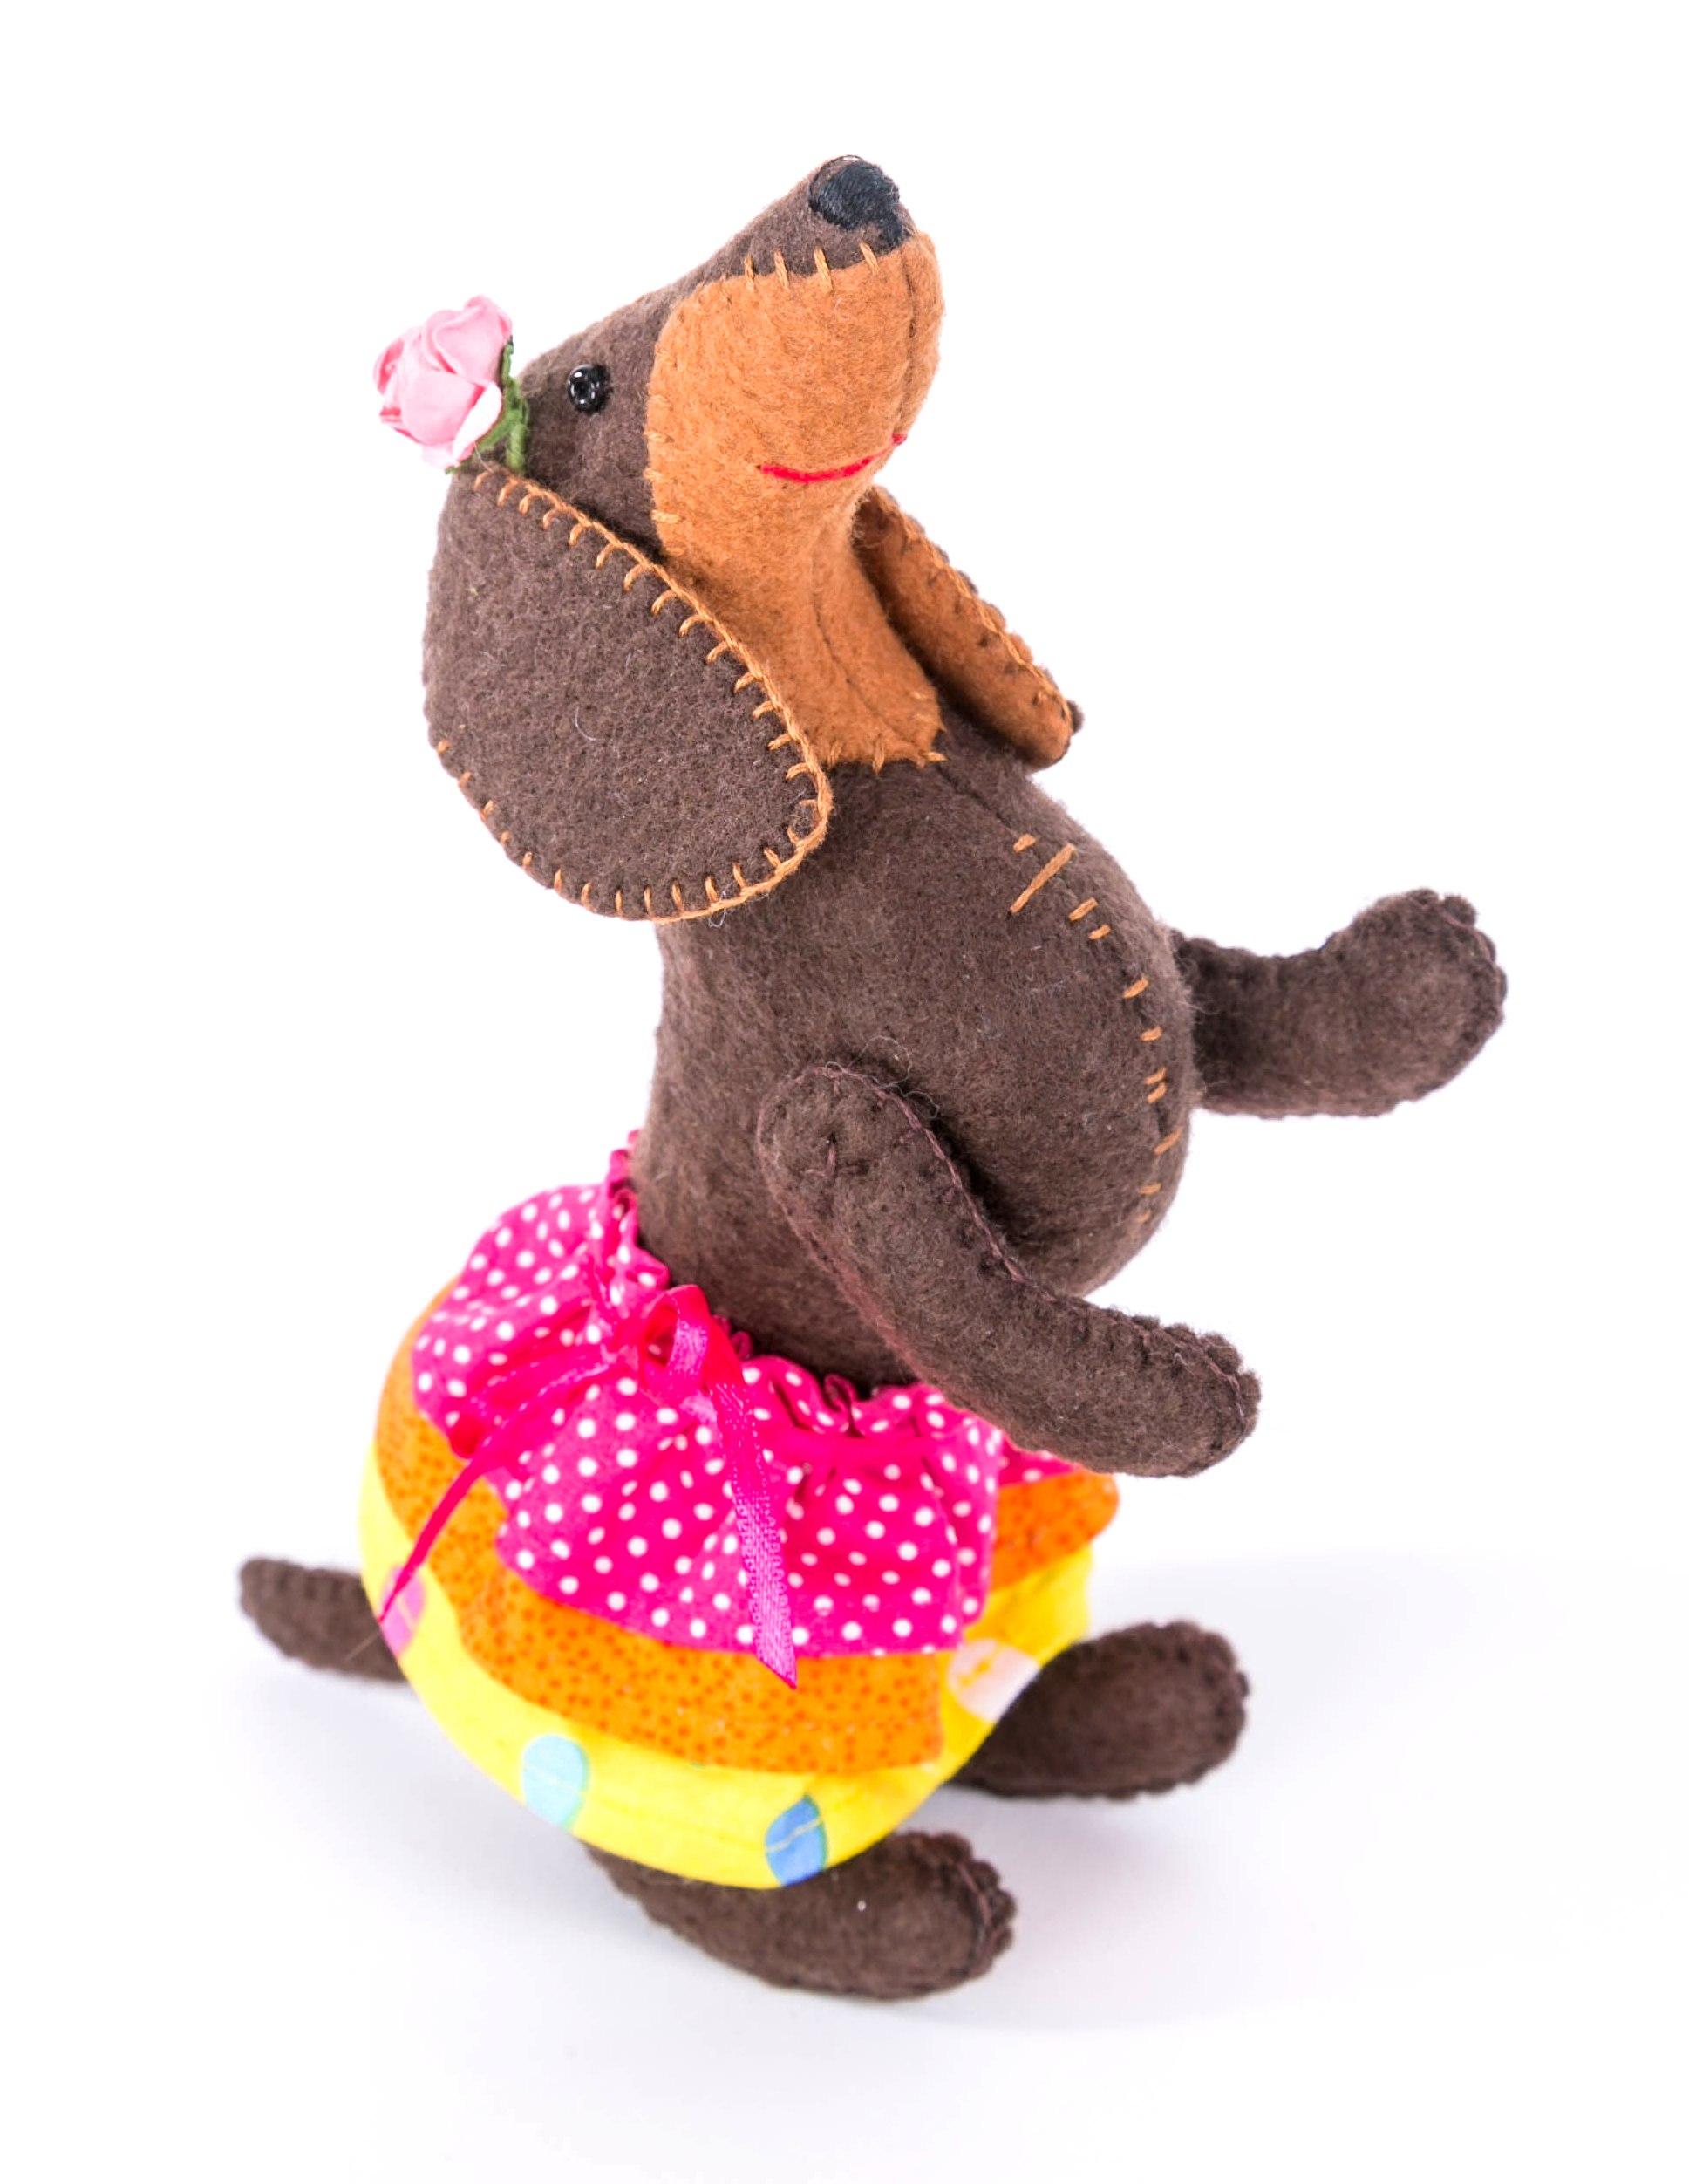 ПФЗД-1010 Набор для изготовления текстильной игрушки серия из фетра Забавные друзья 'Красотка' 10*18,5см